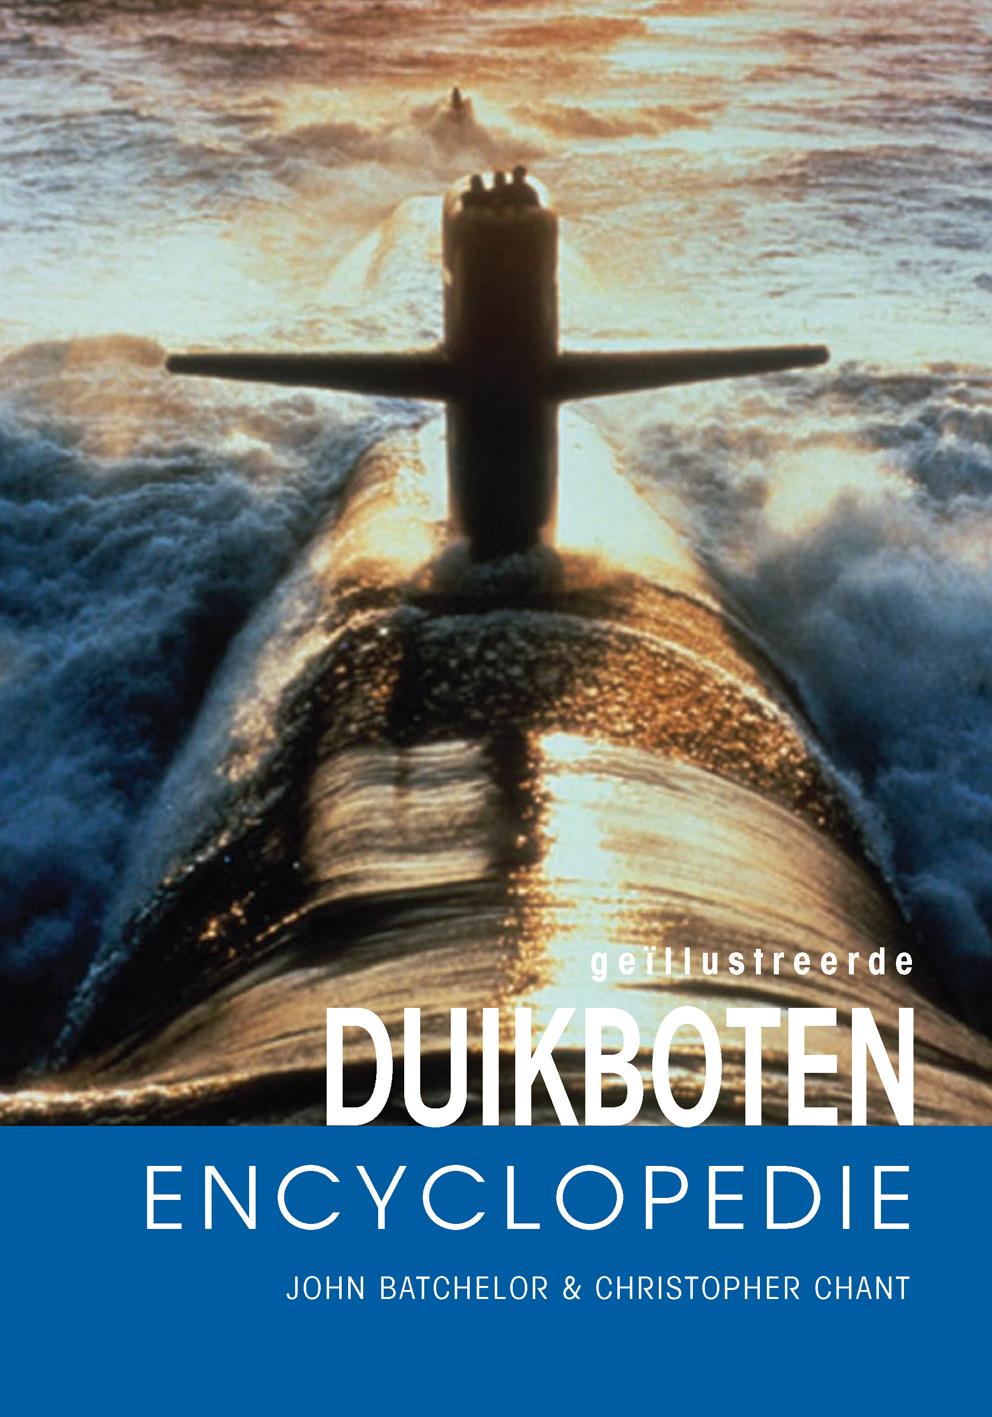 Duikboten encyclopedie